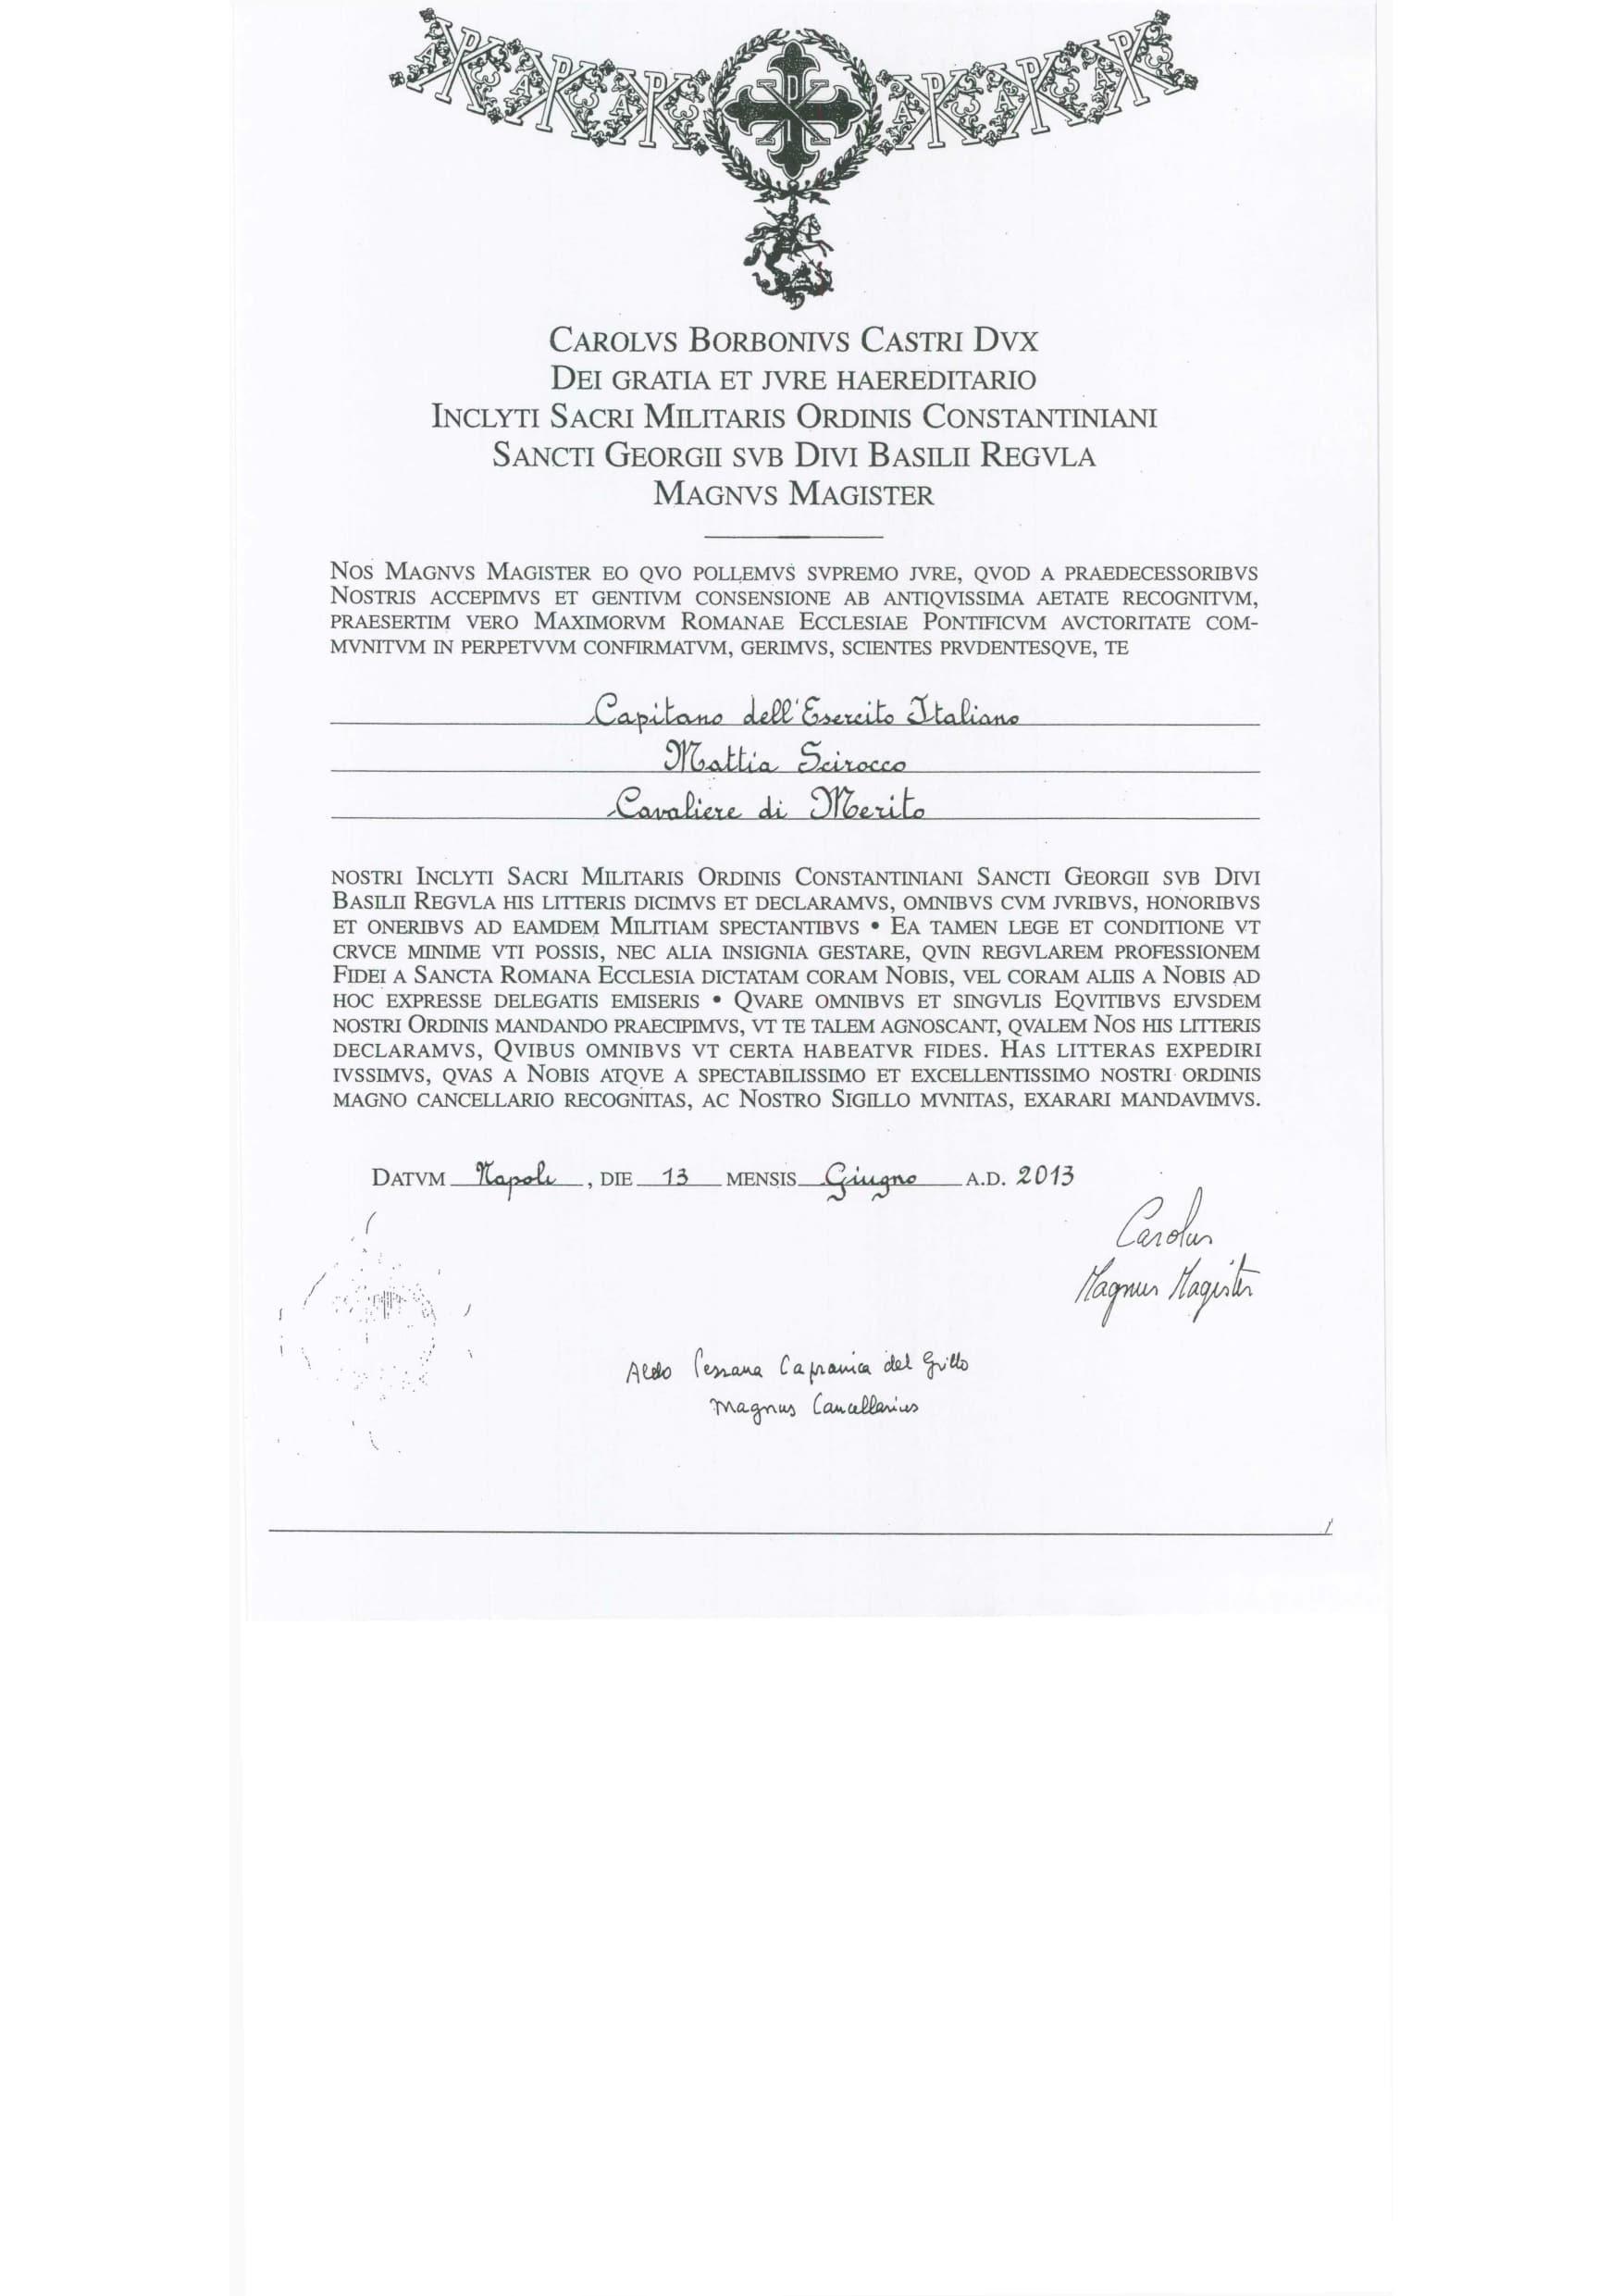 SACRO MILITARE ORDINE COSTANTINIANO DI S. GIORGIO